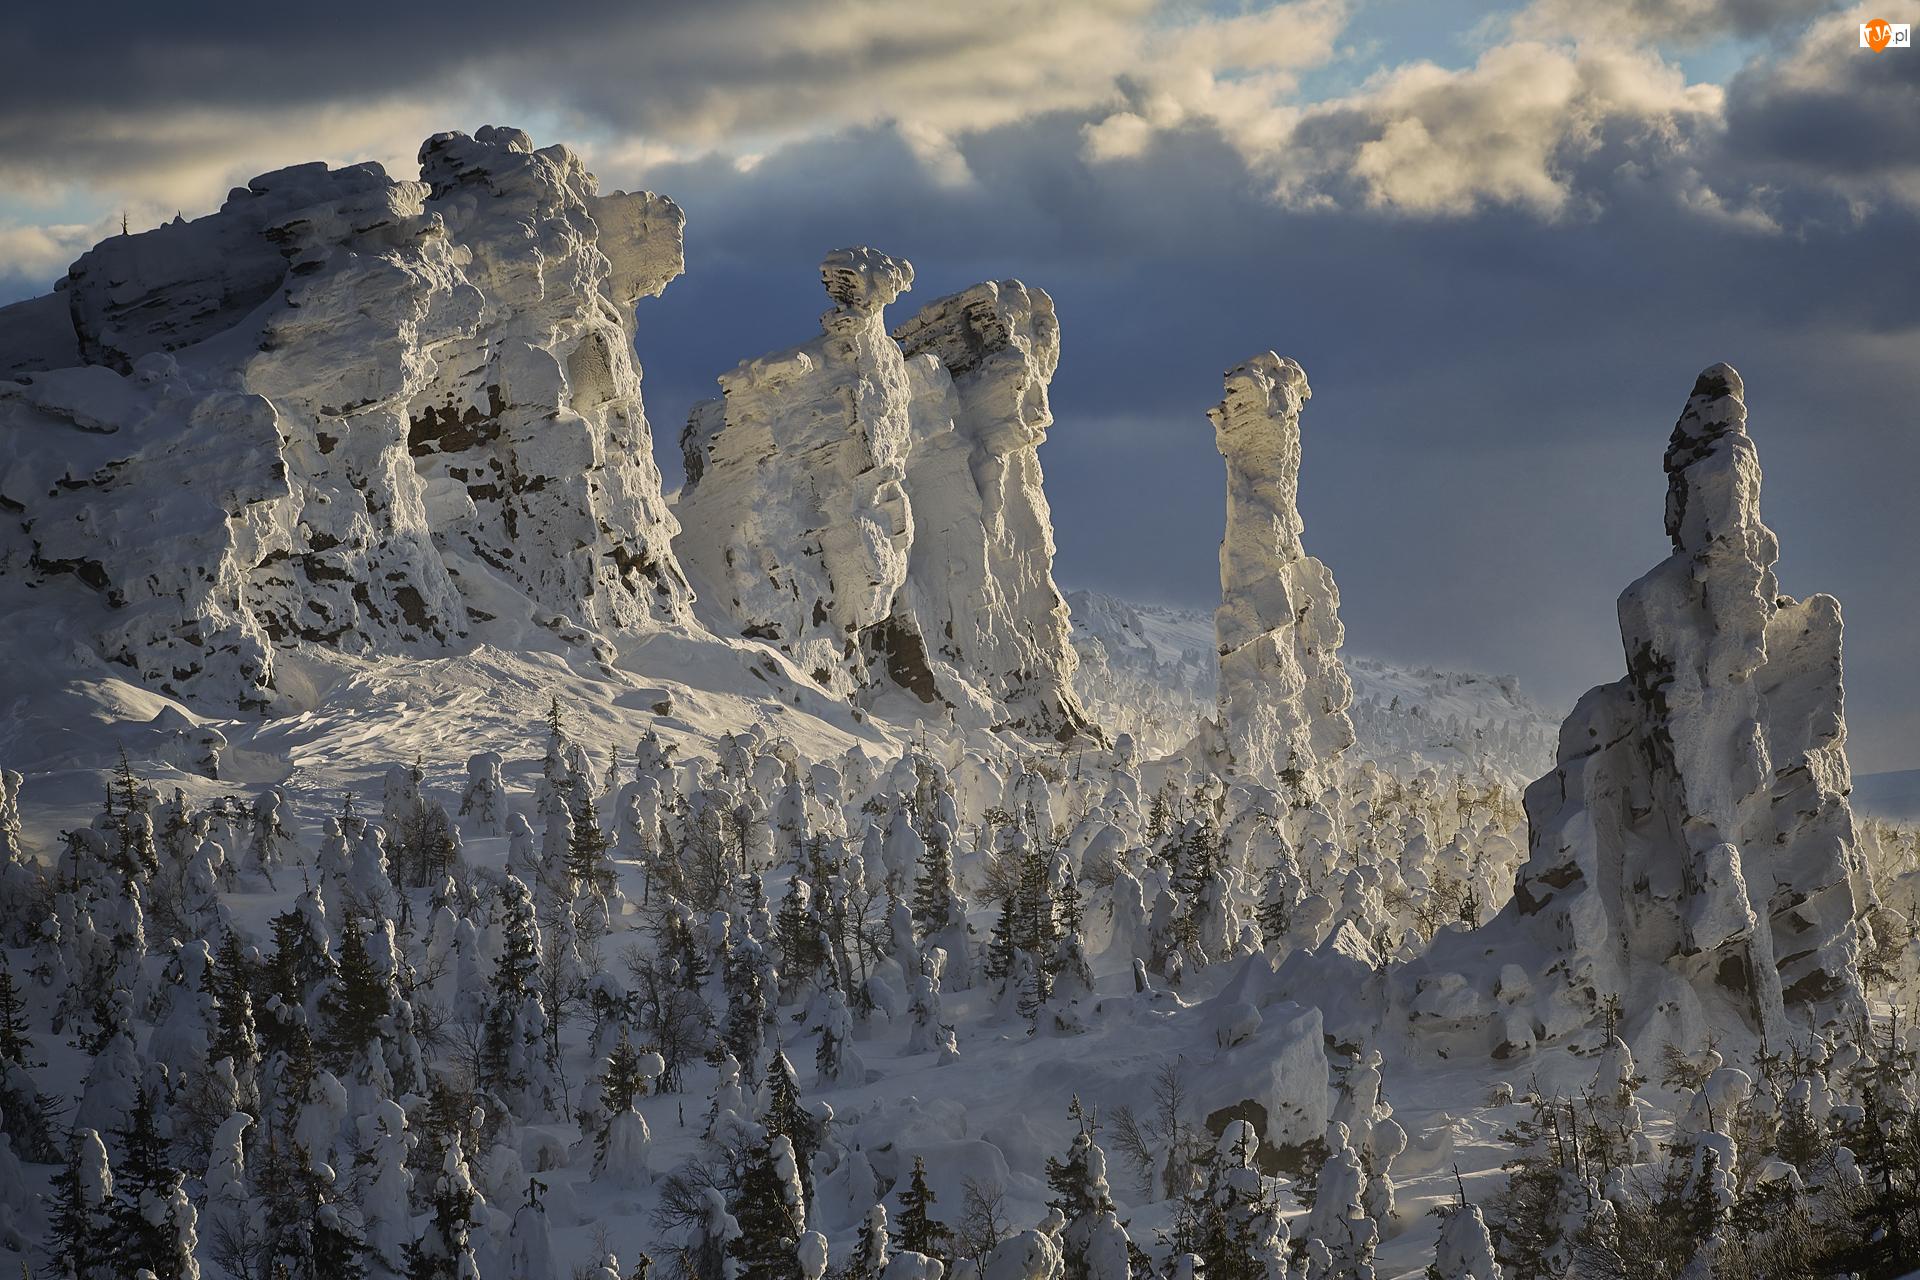 Drzewa, Chmury, Zima, Śnieg, Góry, Świerki